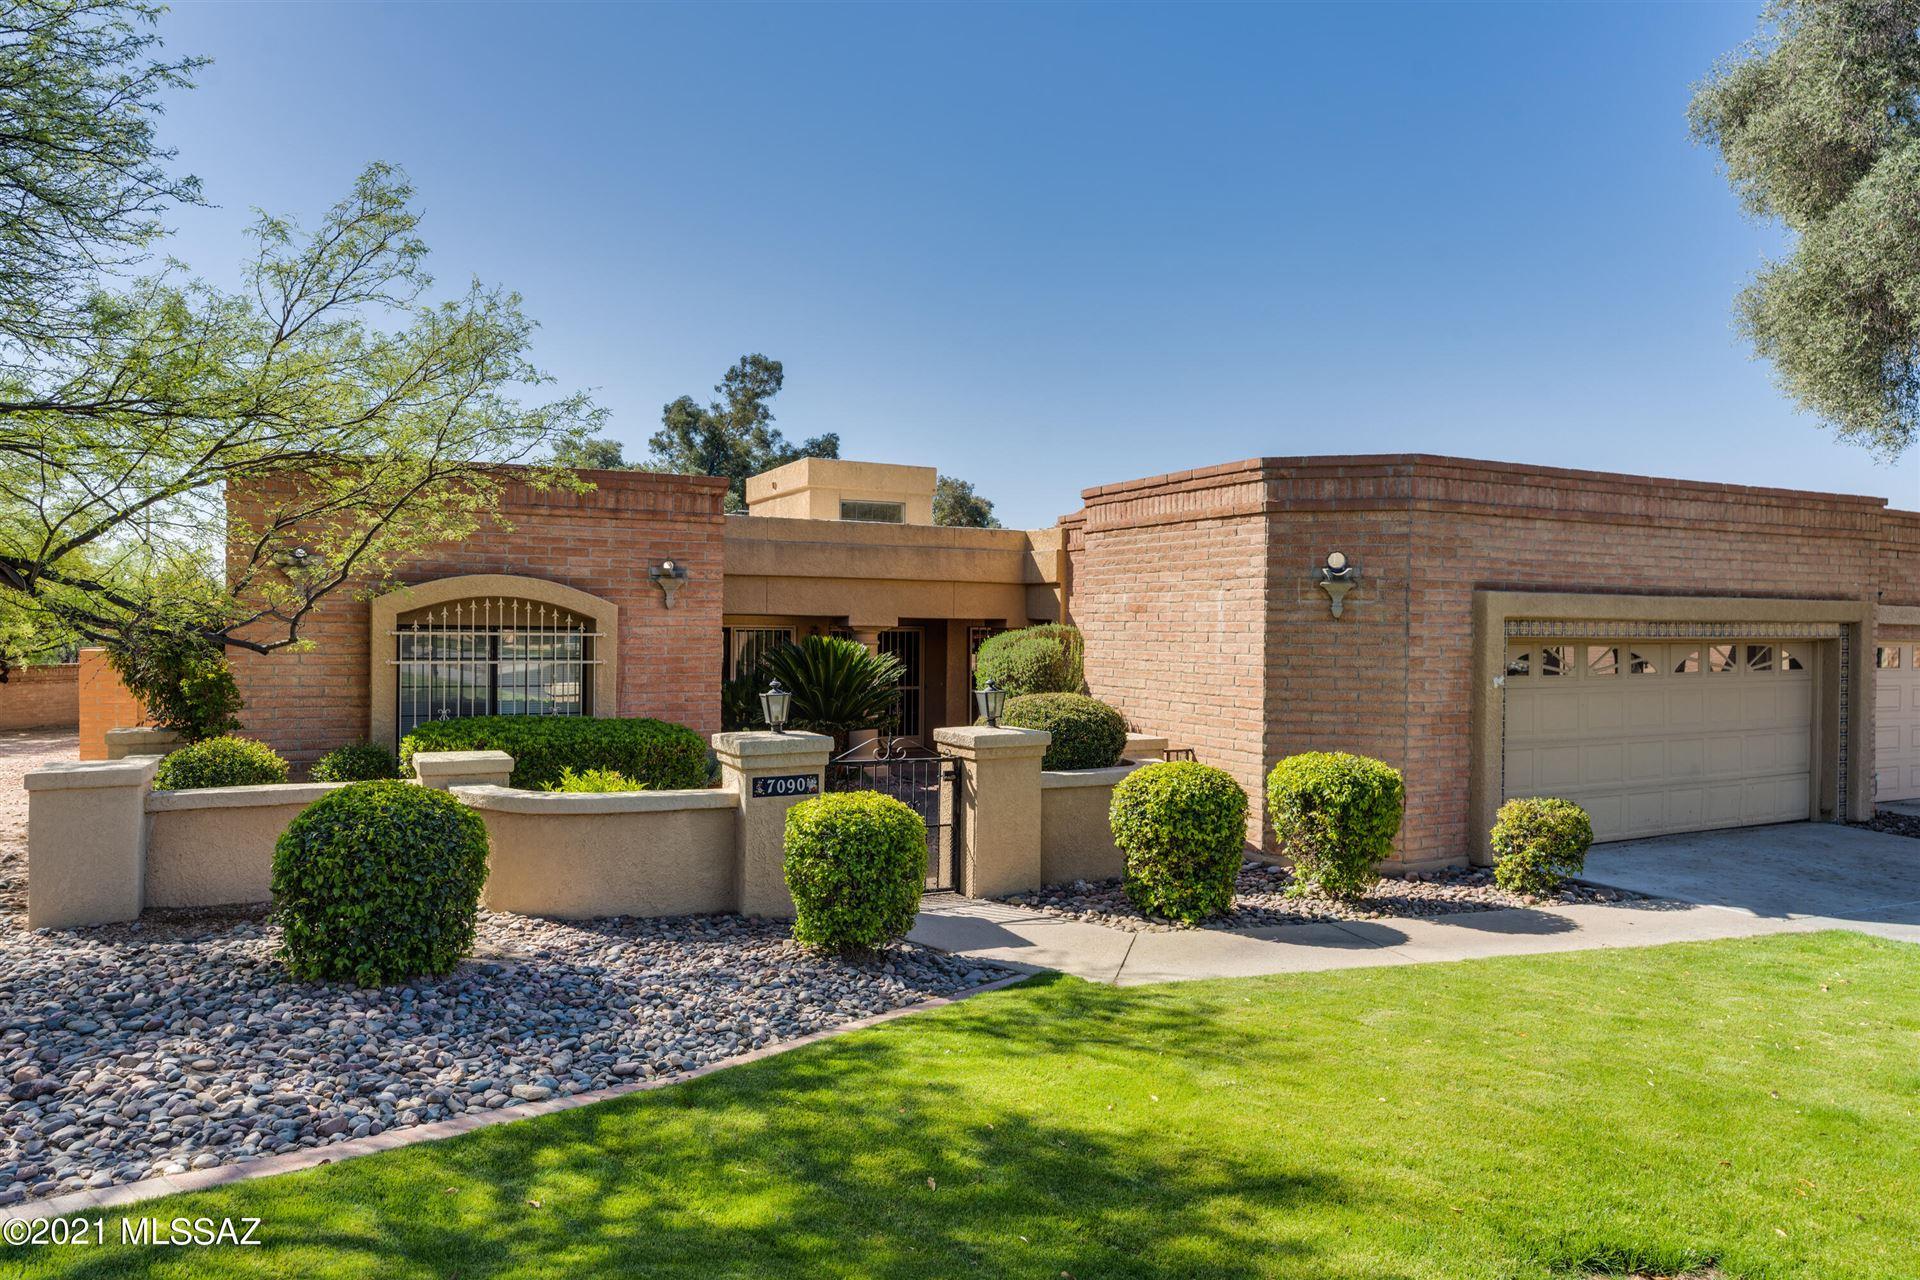 7090 E Calle Tolosa, Tucson, AZ 85750 - MLS#: 22109840